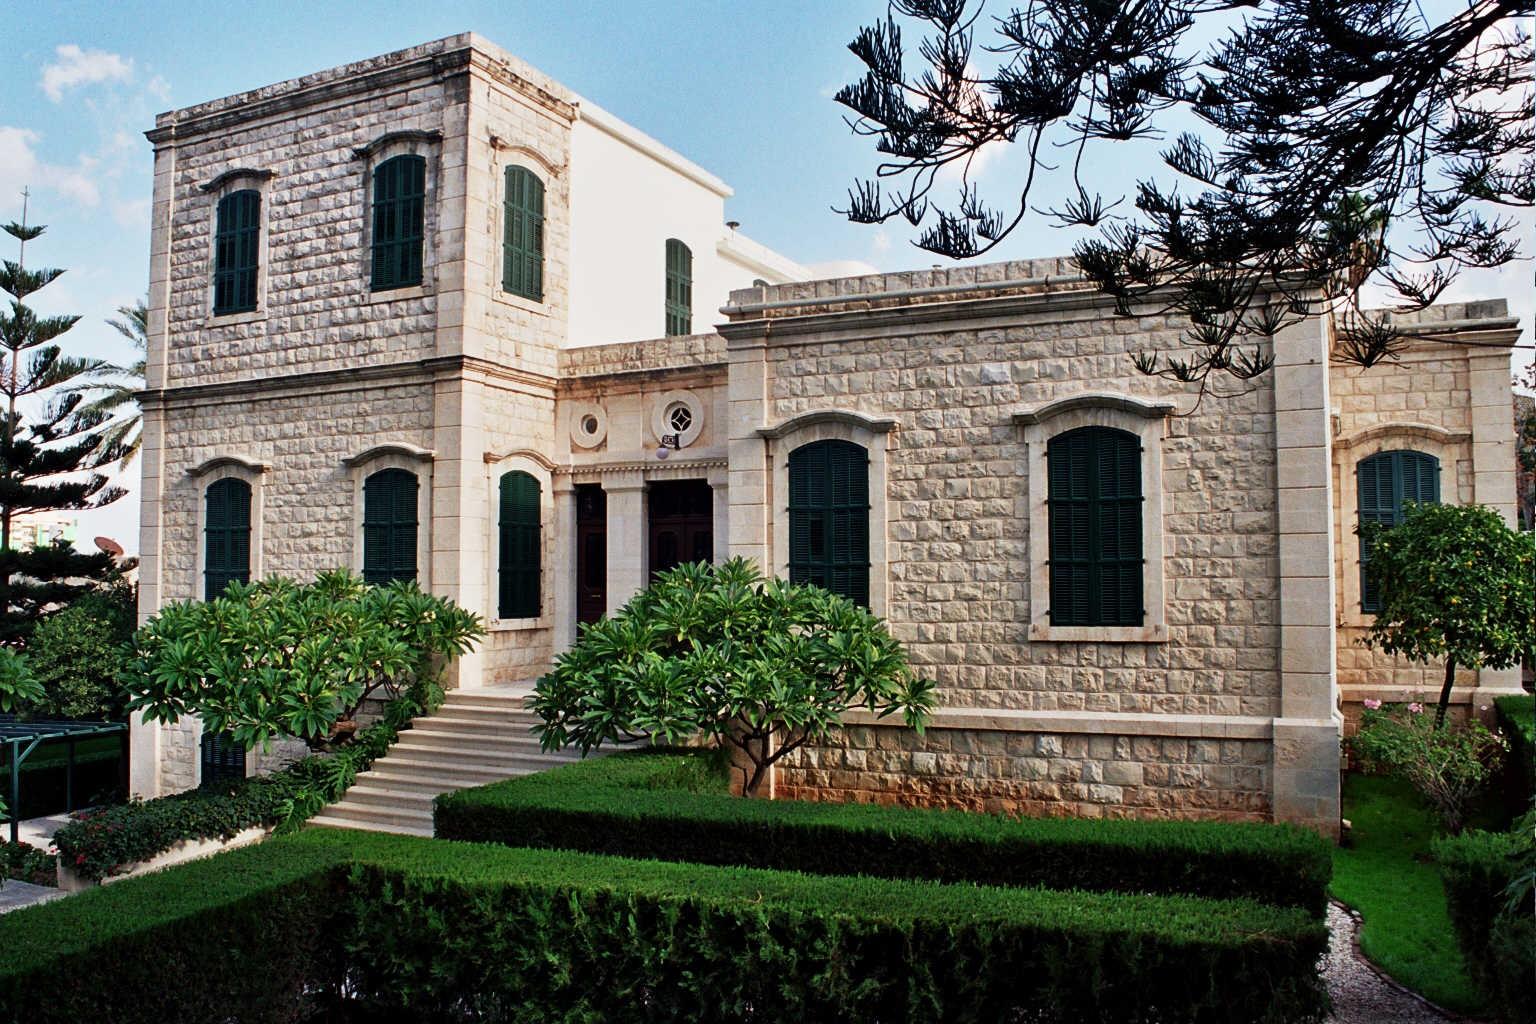 Casa de 'Abdu'l-Bahá en Haifa, Israel